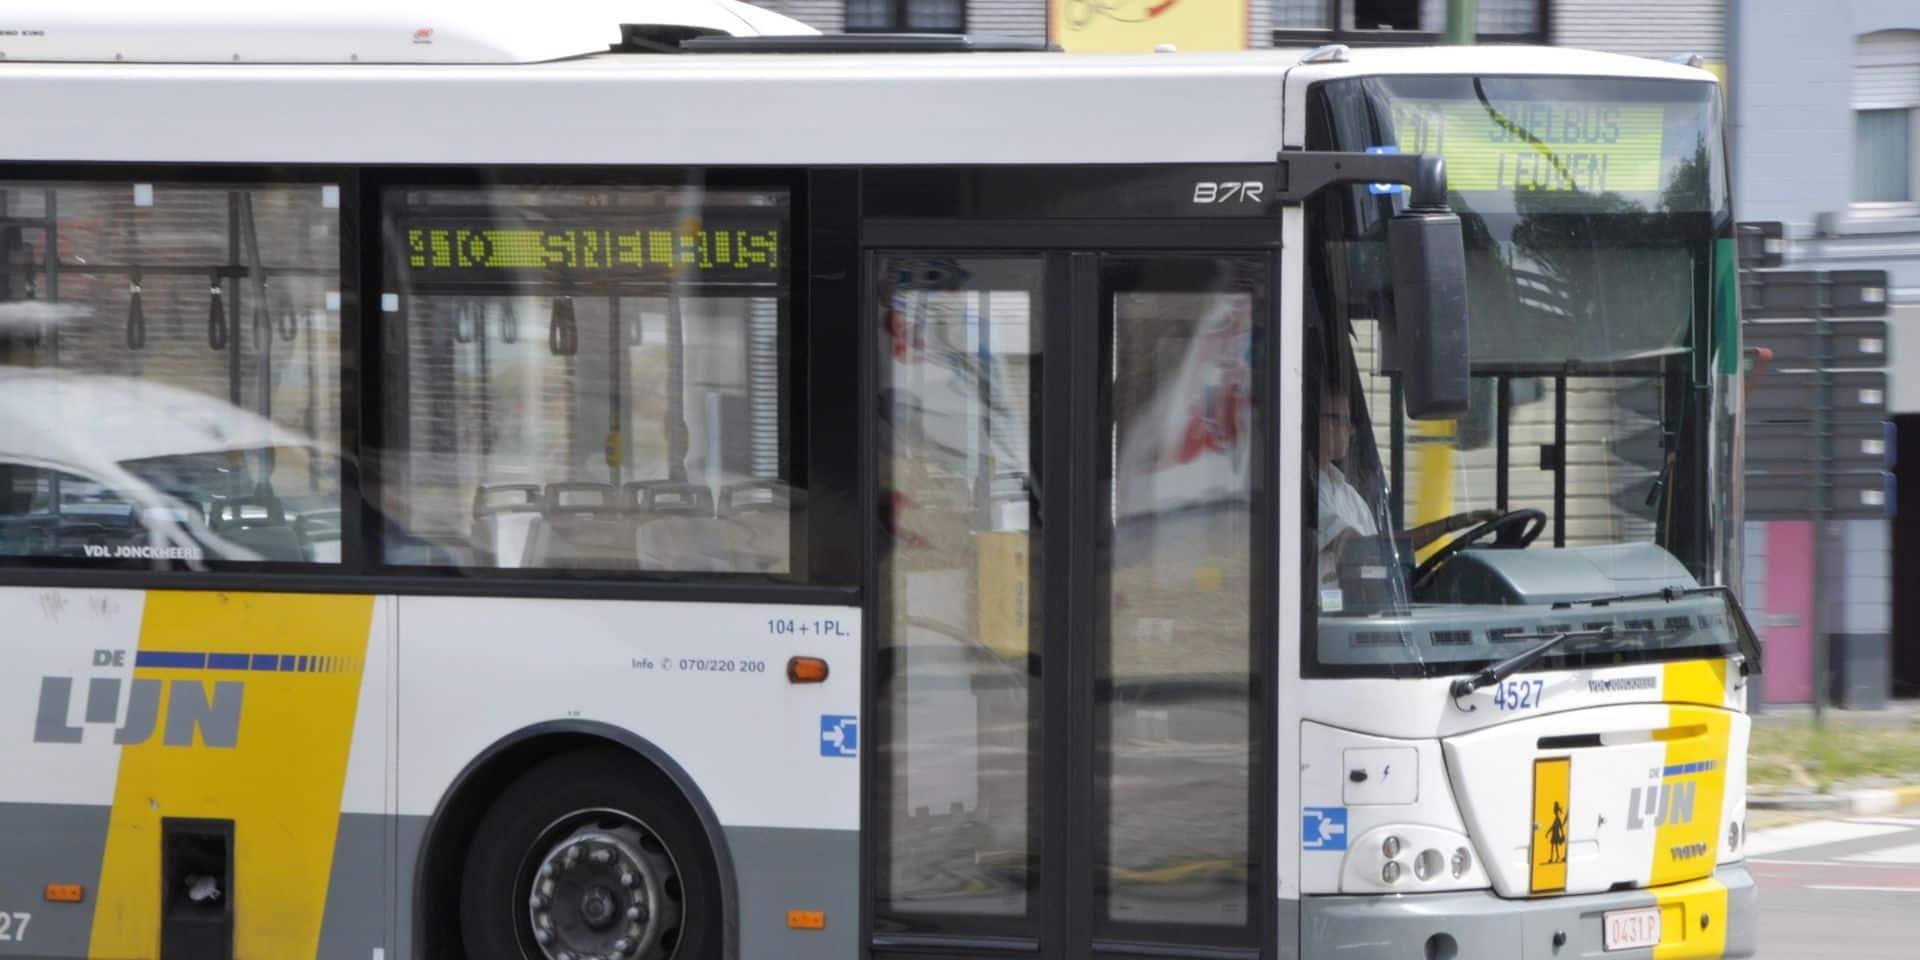 Un chauffeur de bus blessé par un homme ne portant pas son masque correctement